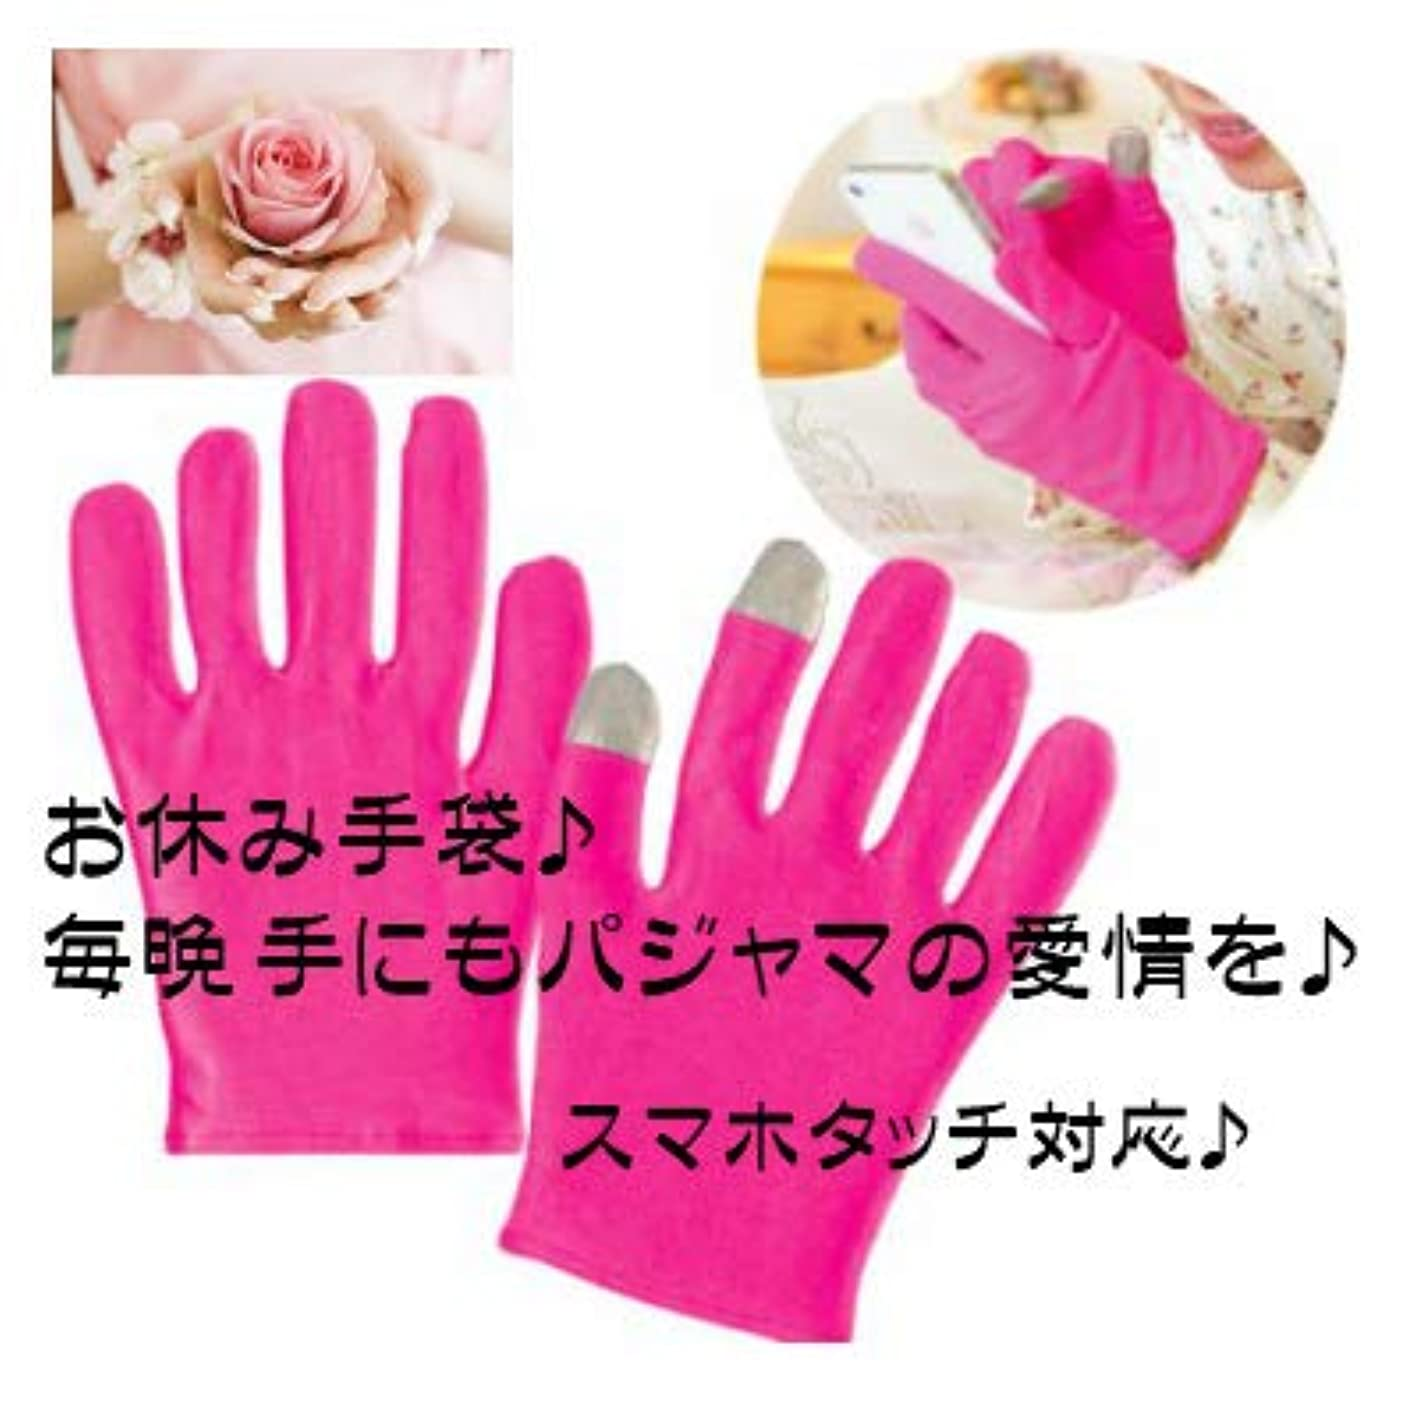 浅い高架独裁美容ハンドケア手袋 就寝手袋 スマホタッチ対応 おやすみ手袋保湿手袋